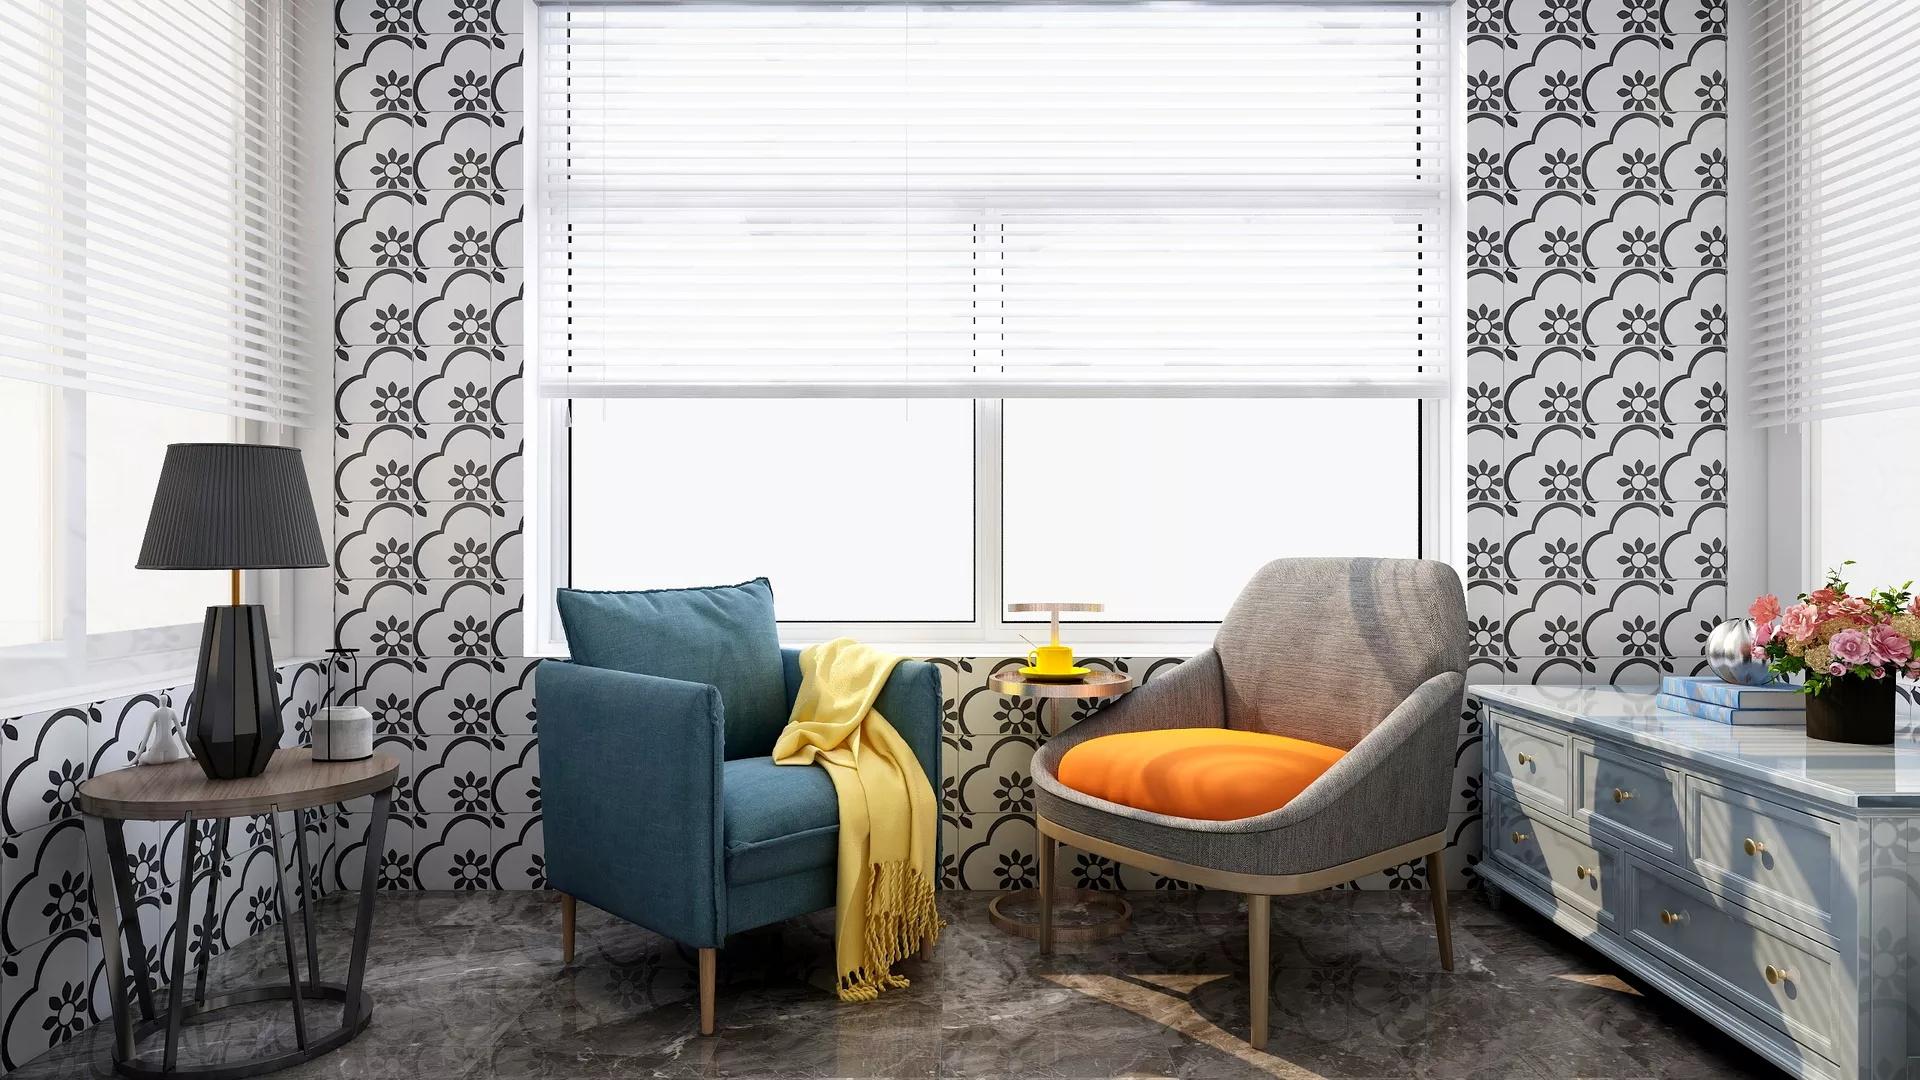 用什么颜色好_窗台大理石用什么颜色窗台大理石用什么颜色好_美搭屋装修网